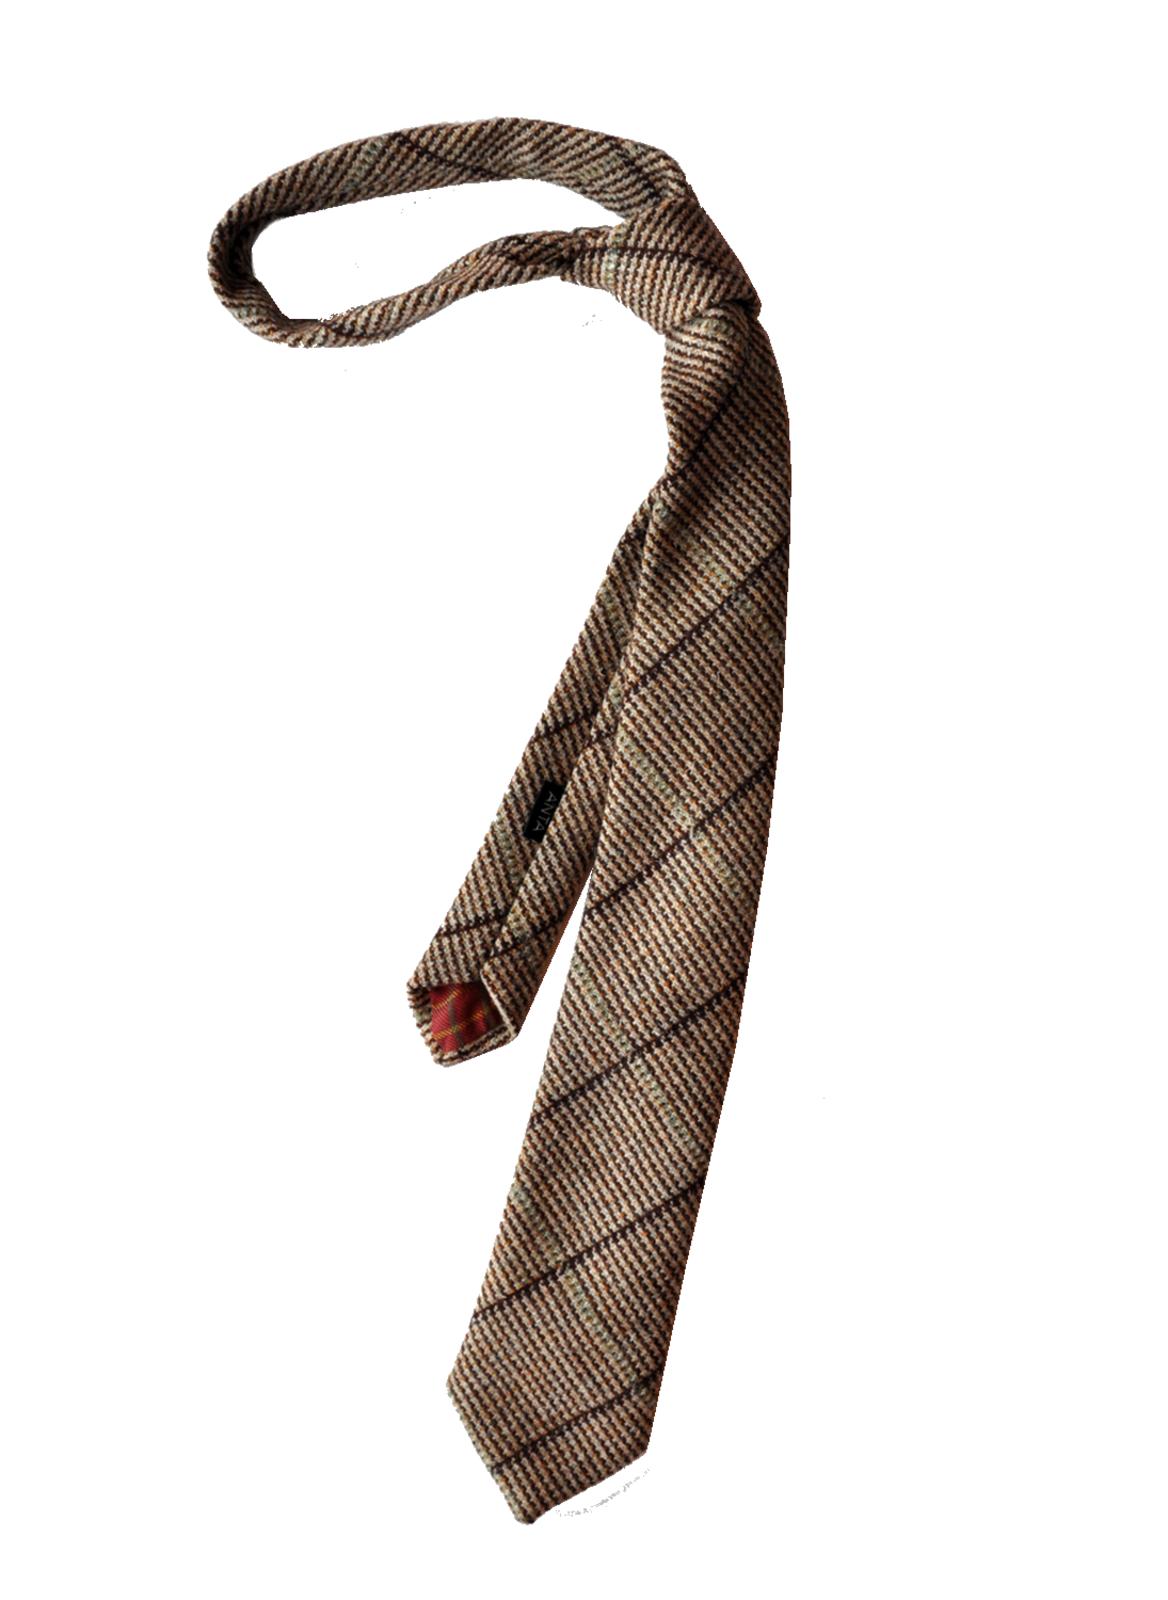 Tie PNG image - PNG HD Tie